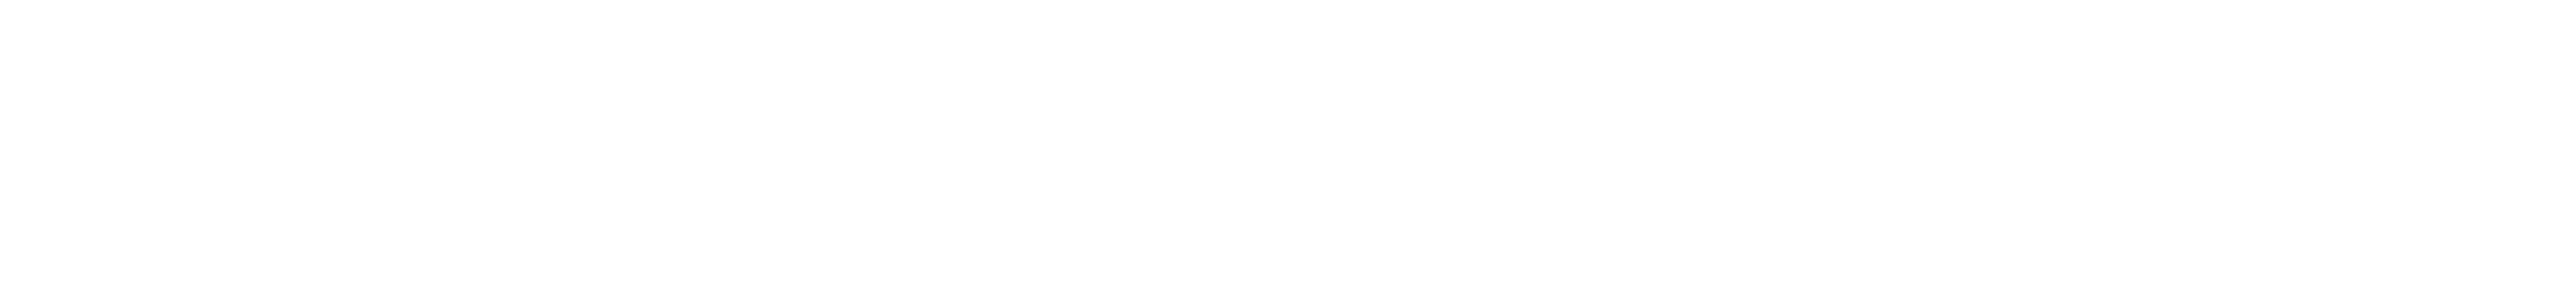 commercial-development-sontowski-partner-logo-white